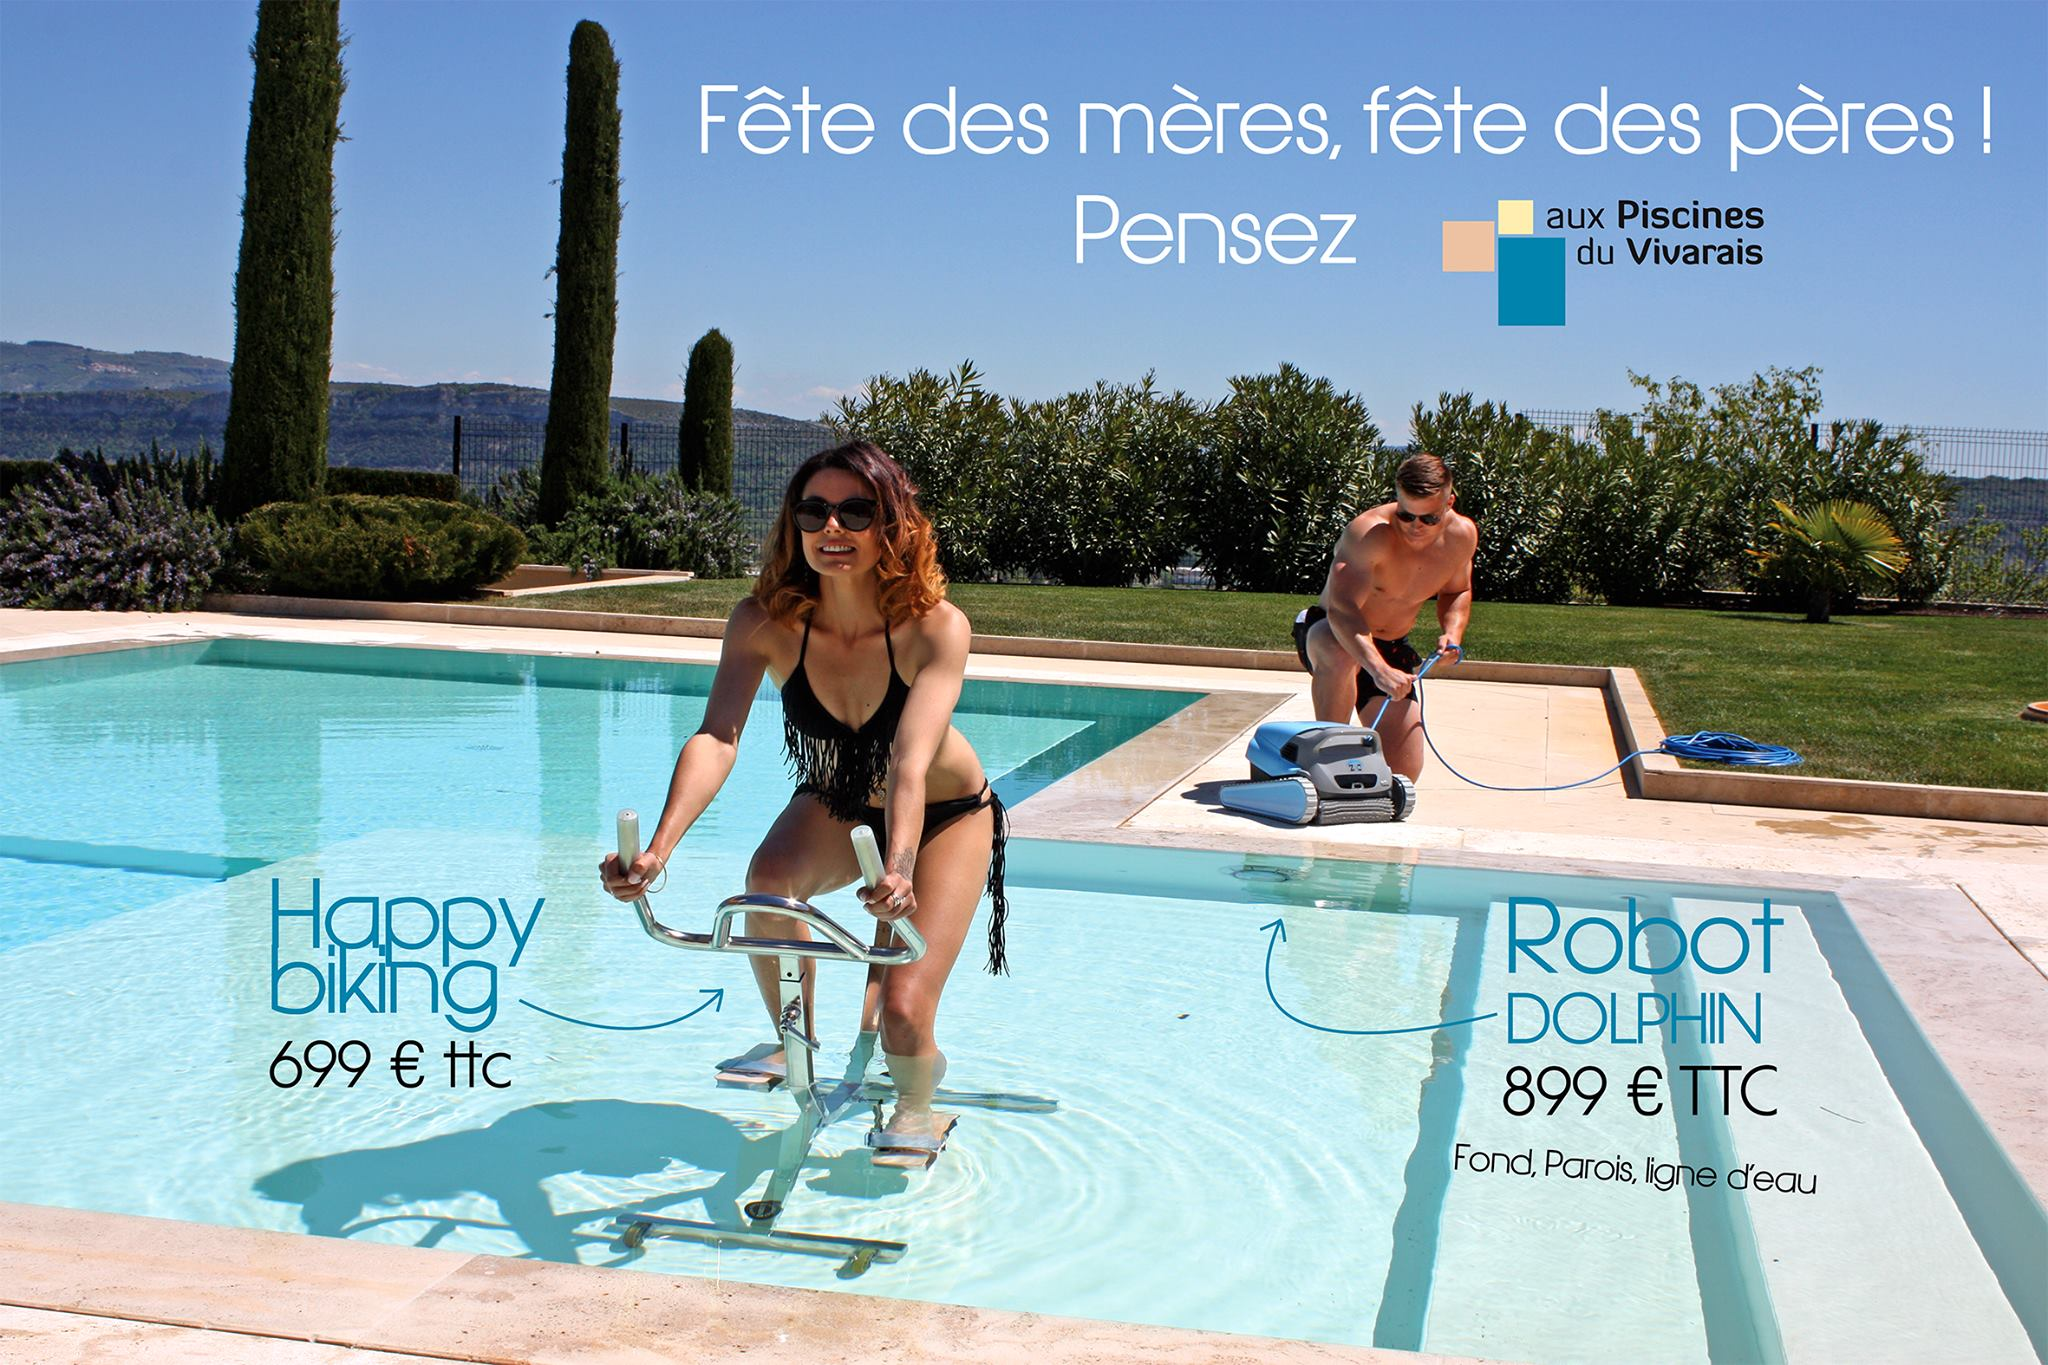 Publicité Piscines du Vivarais